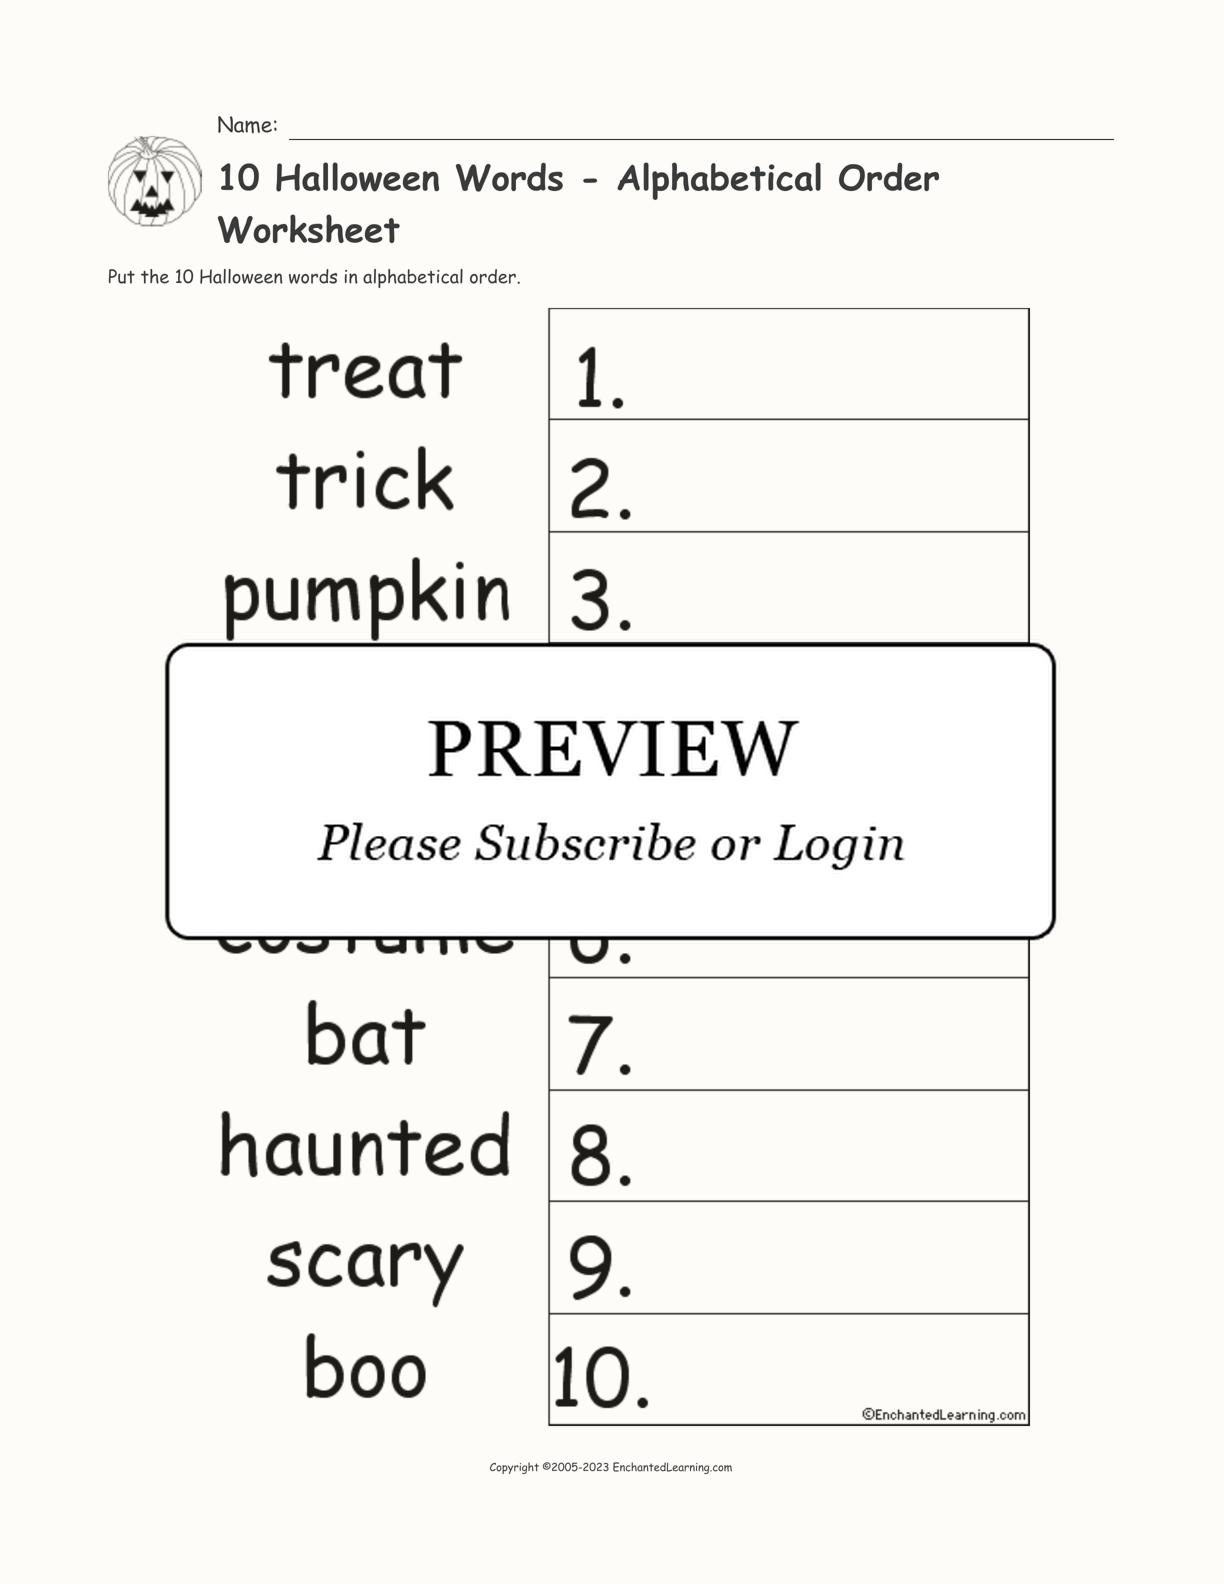 10 Halloween Words